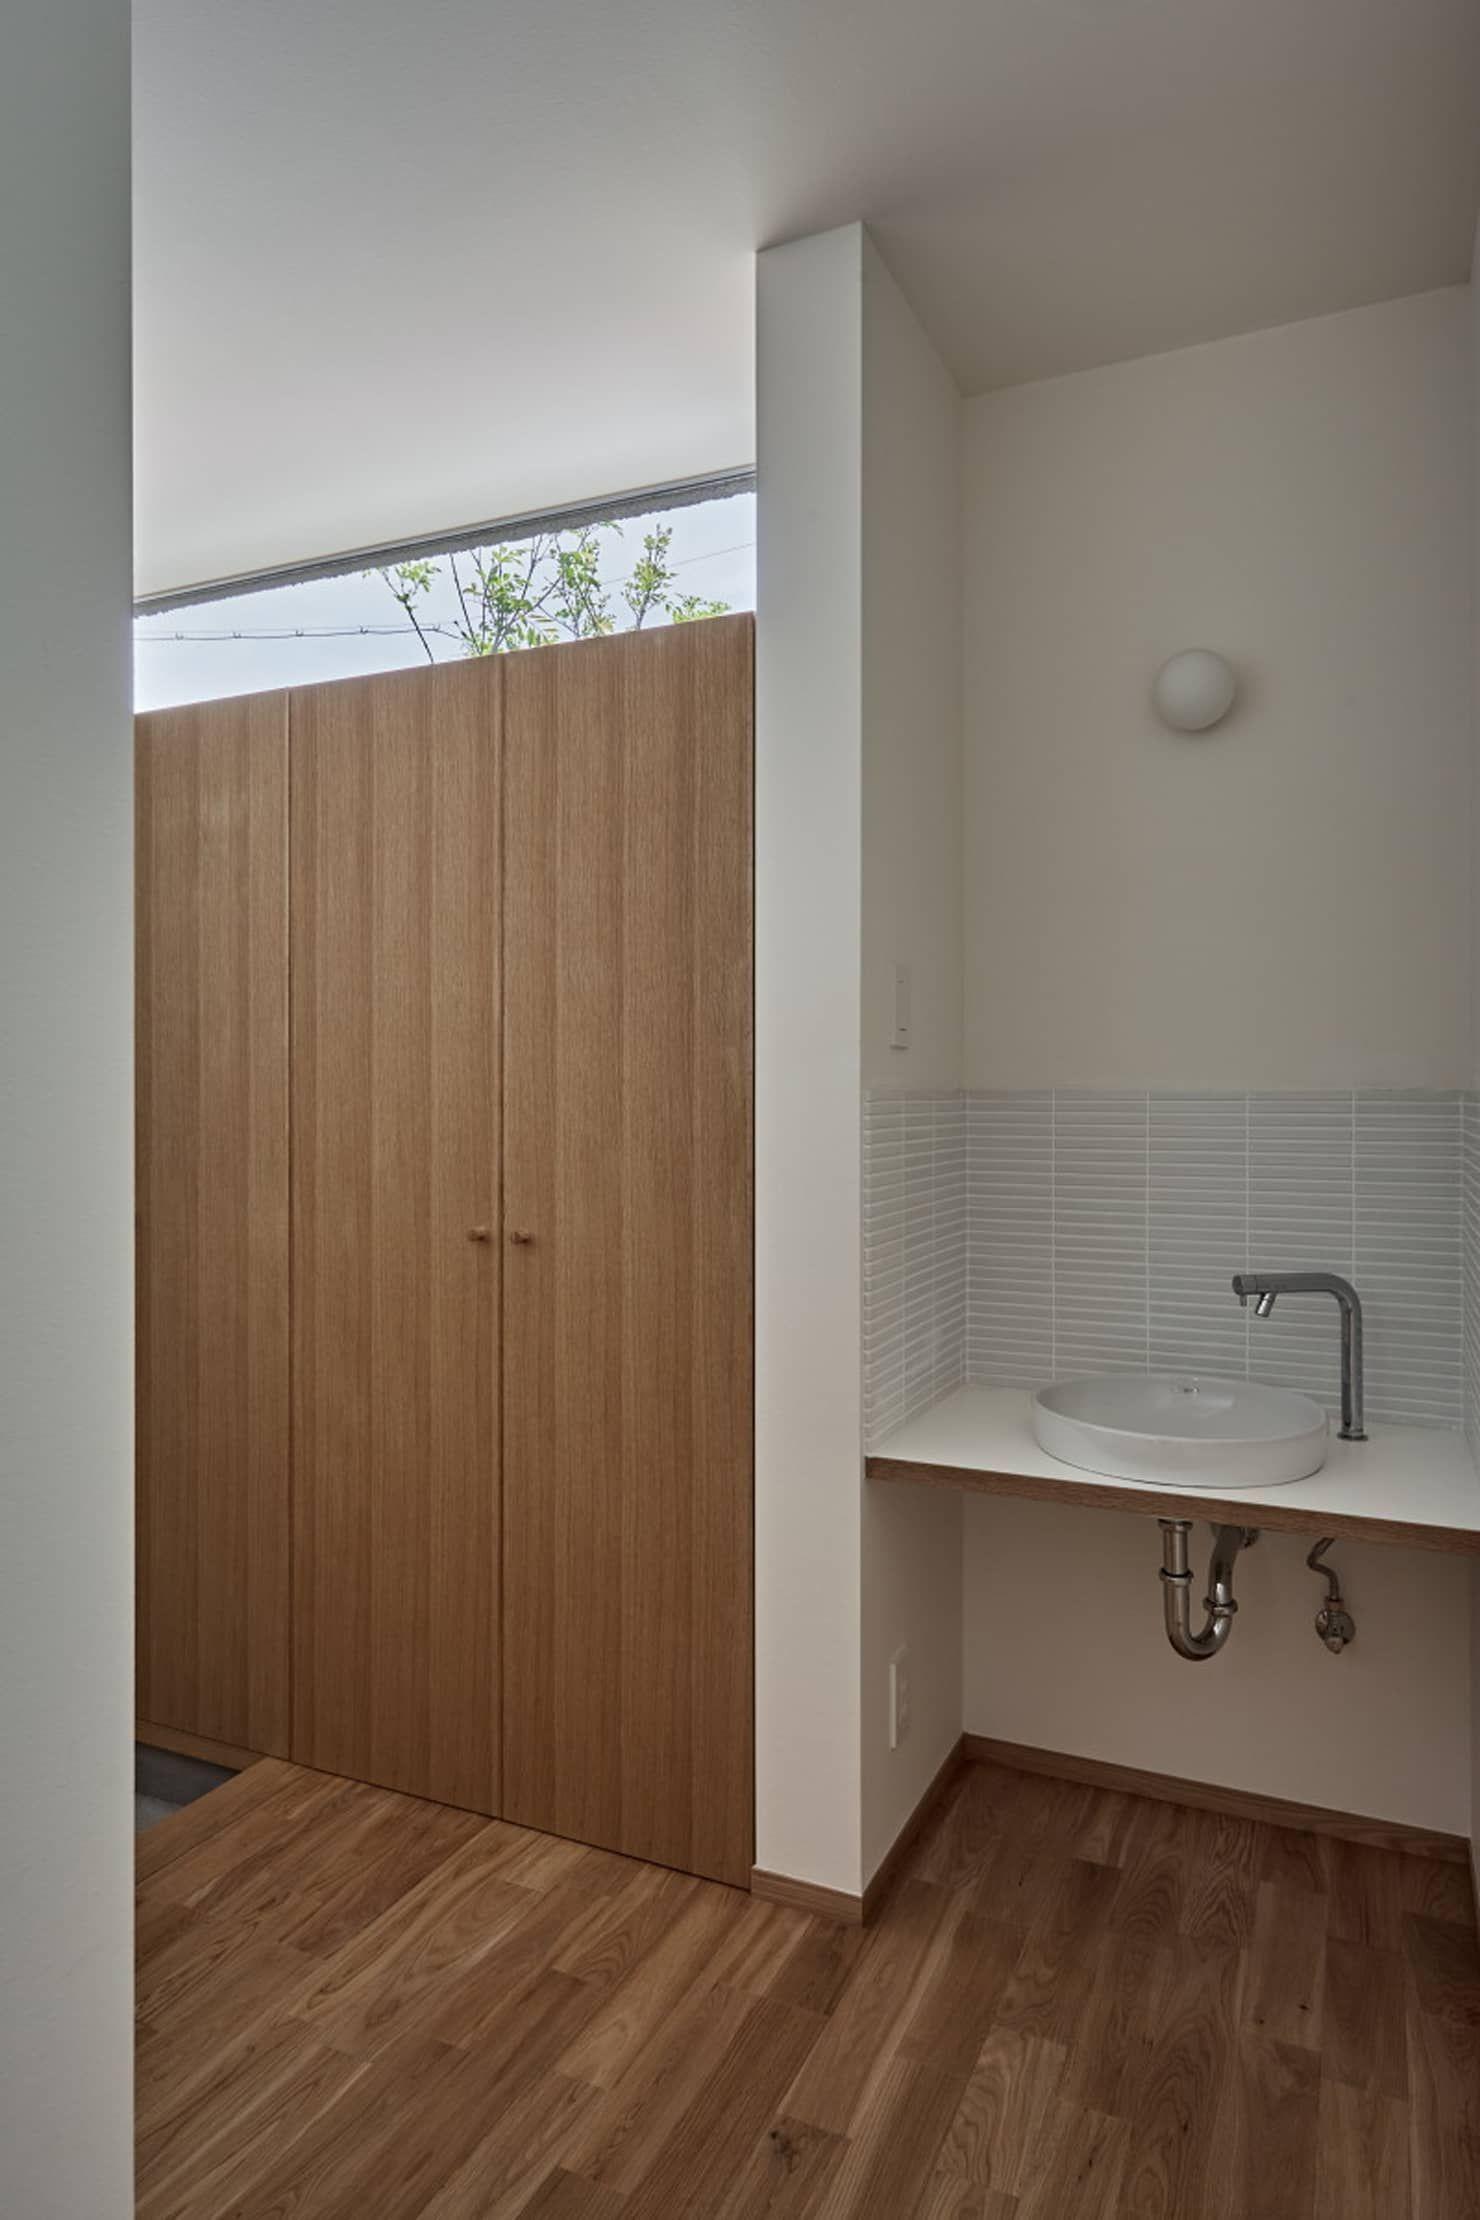 ホワイエのある家 Toki Architect Design Officeが手掛けた廊下